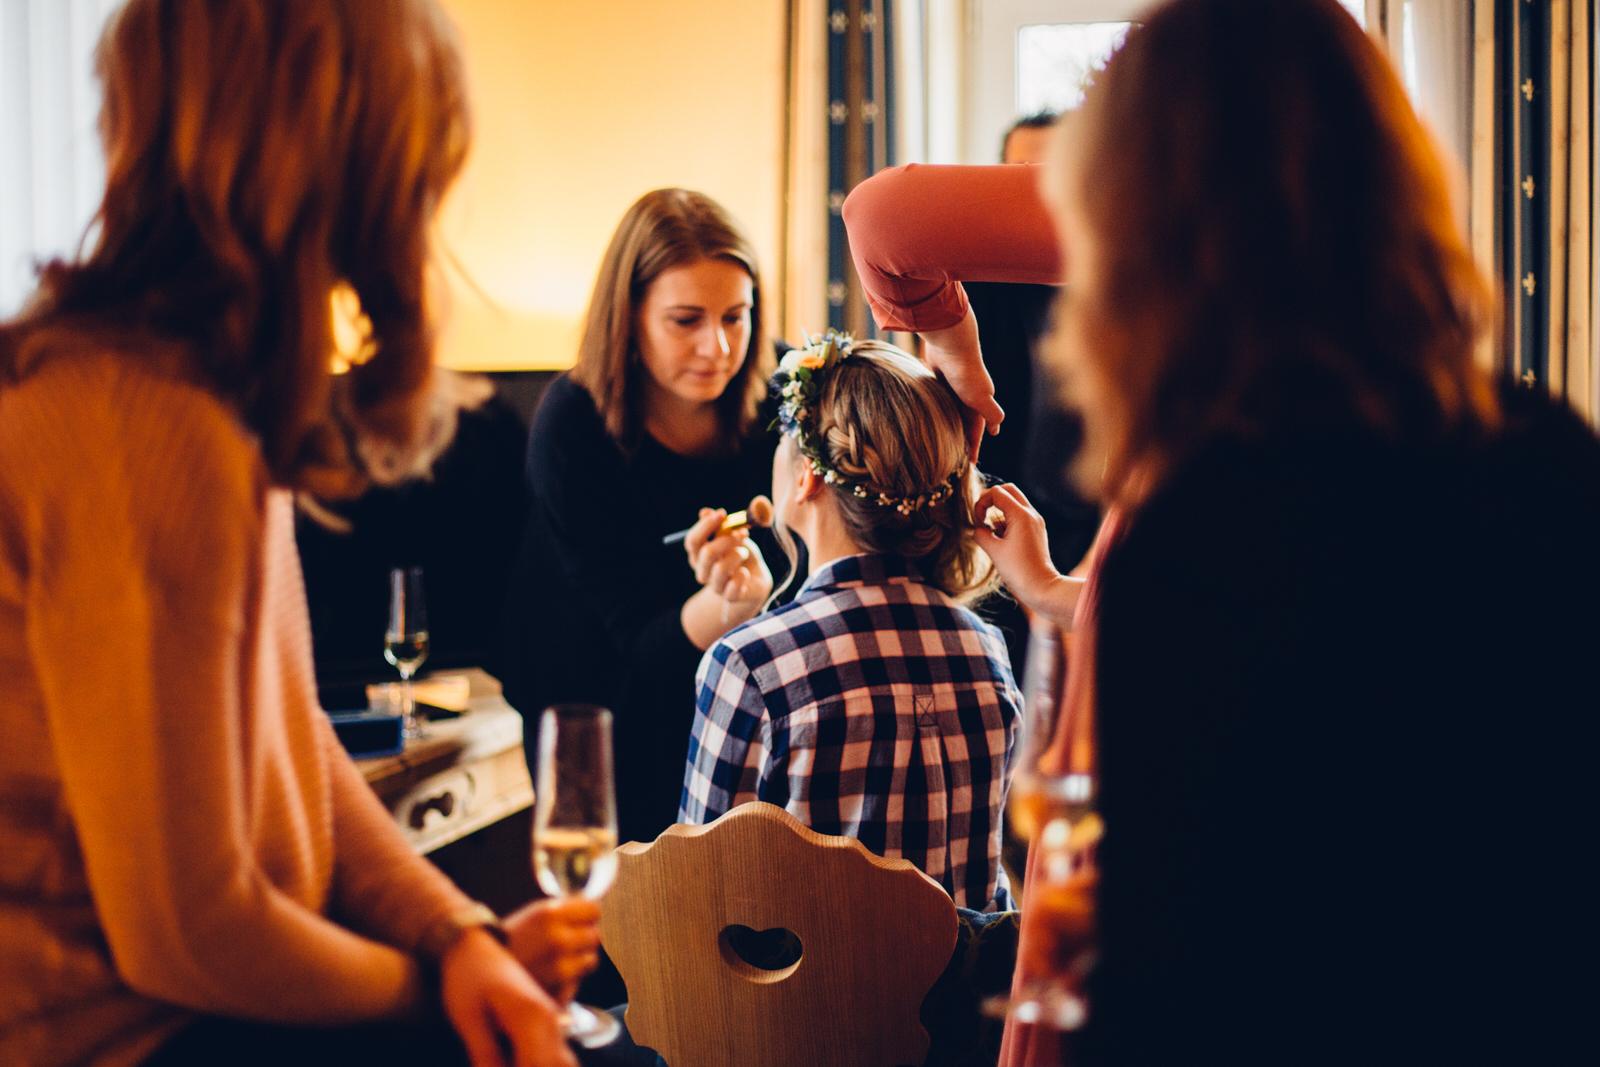 Hochzeitsfotograf_Rödental_Alte_Mühle_Alte_Orangerie_Schloss_Rosenau_100227199.JPG